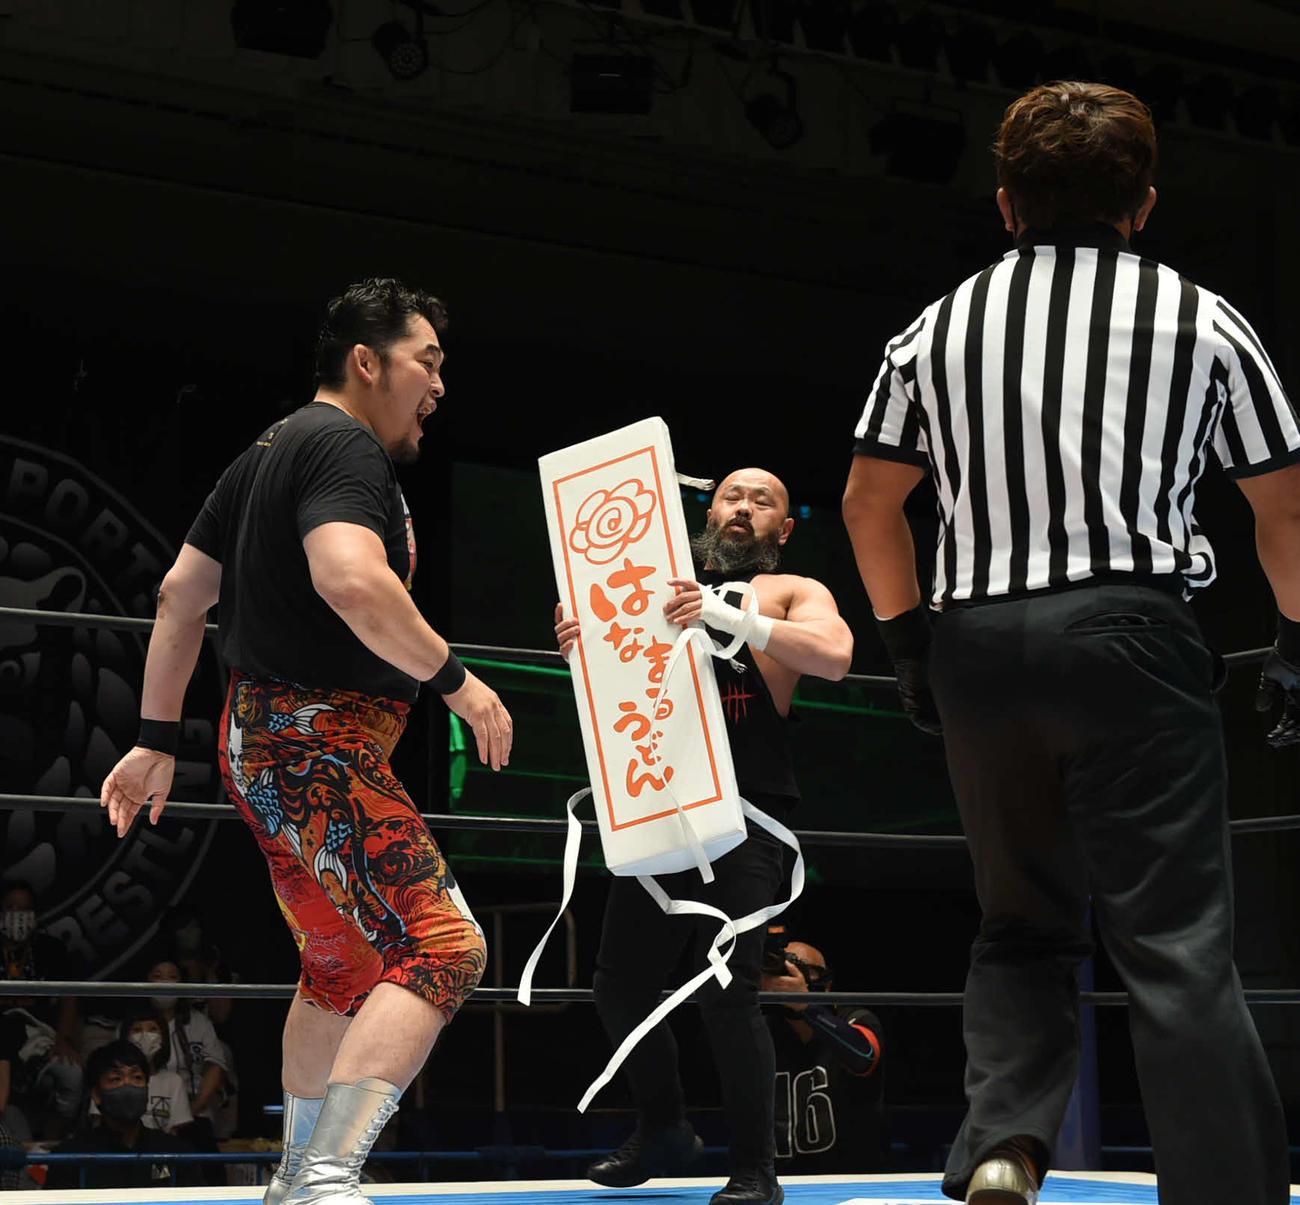 新日本プロレス後楽園大会 外道(中央)にコーナーパッドを渡し、攻撃を仕掛ける矢野通(左)(新日本プロレス提供)